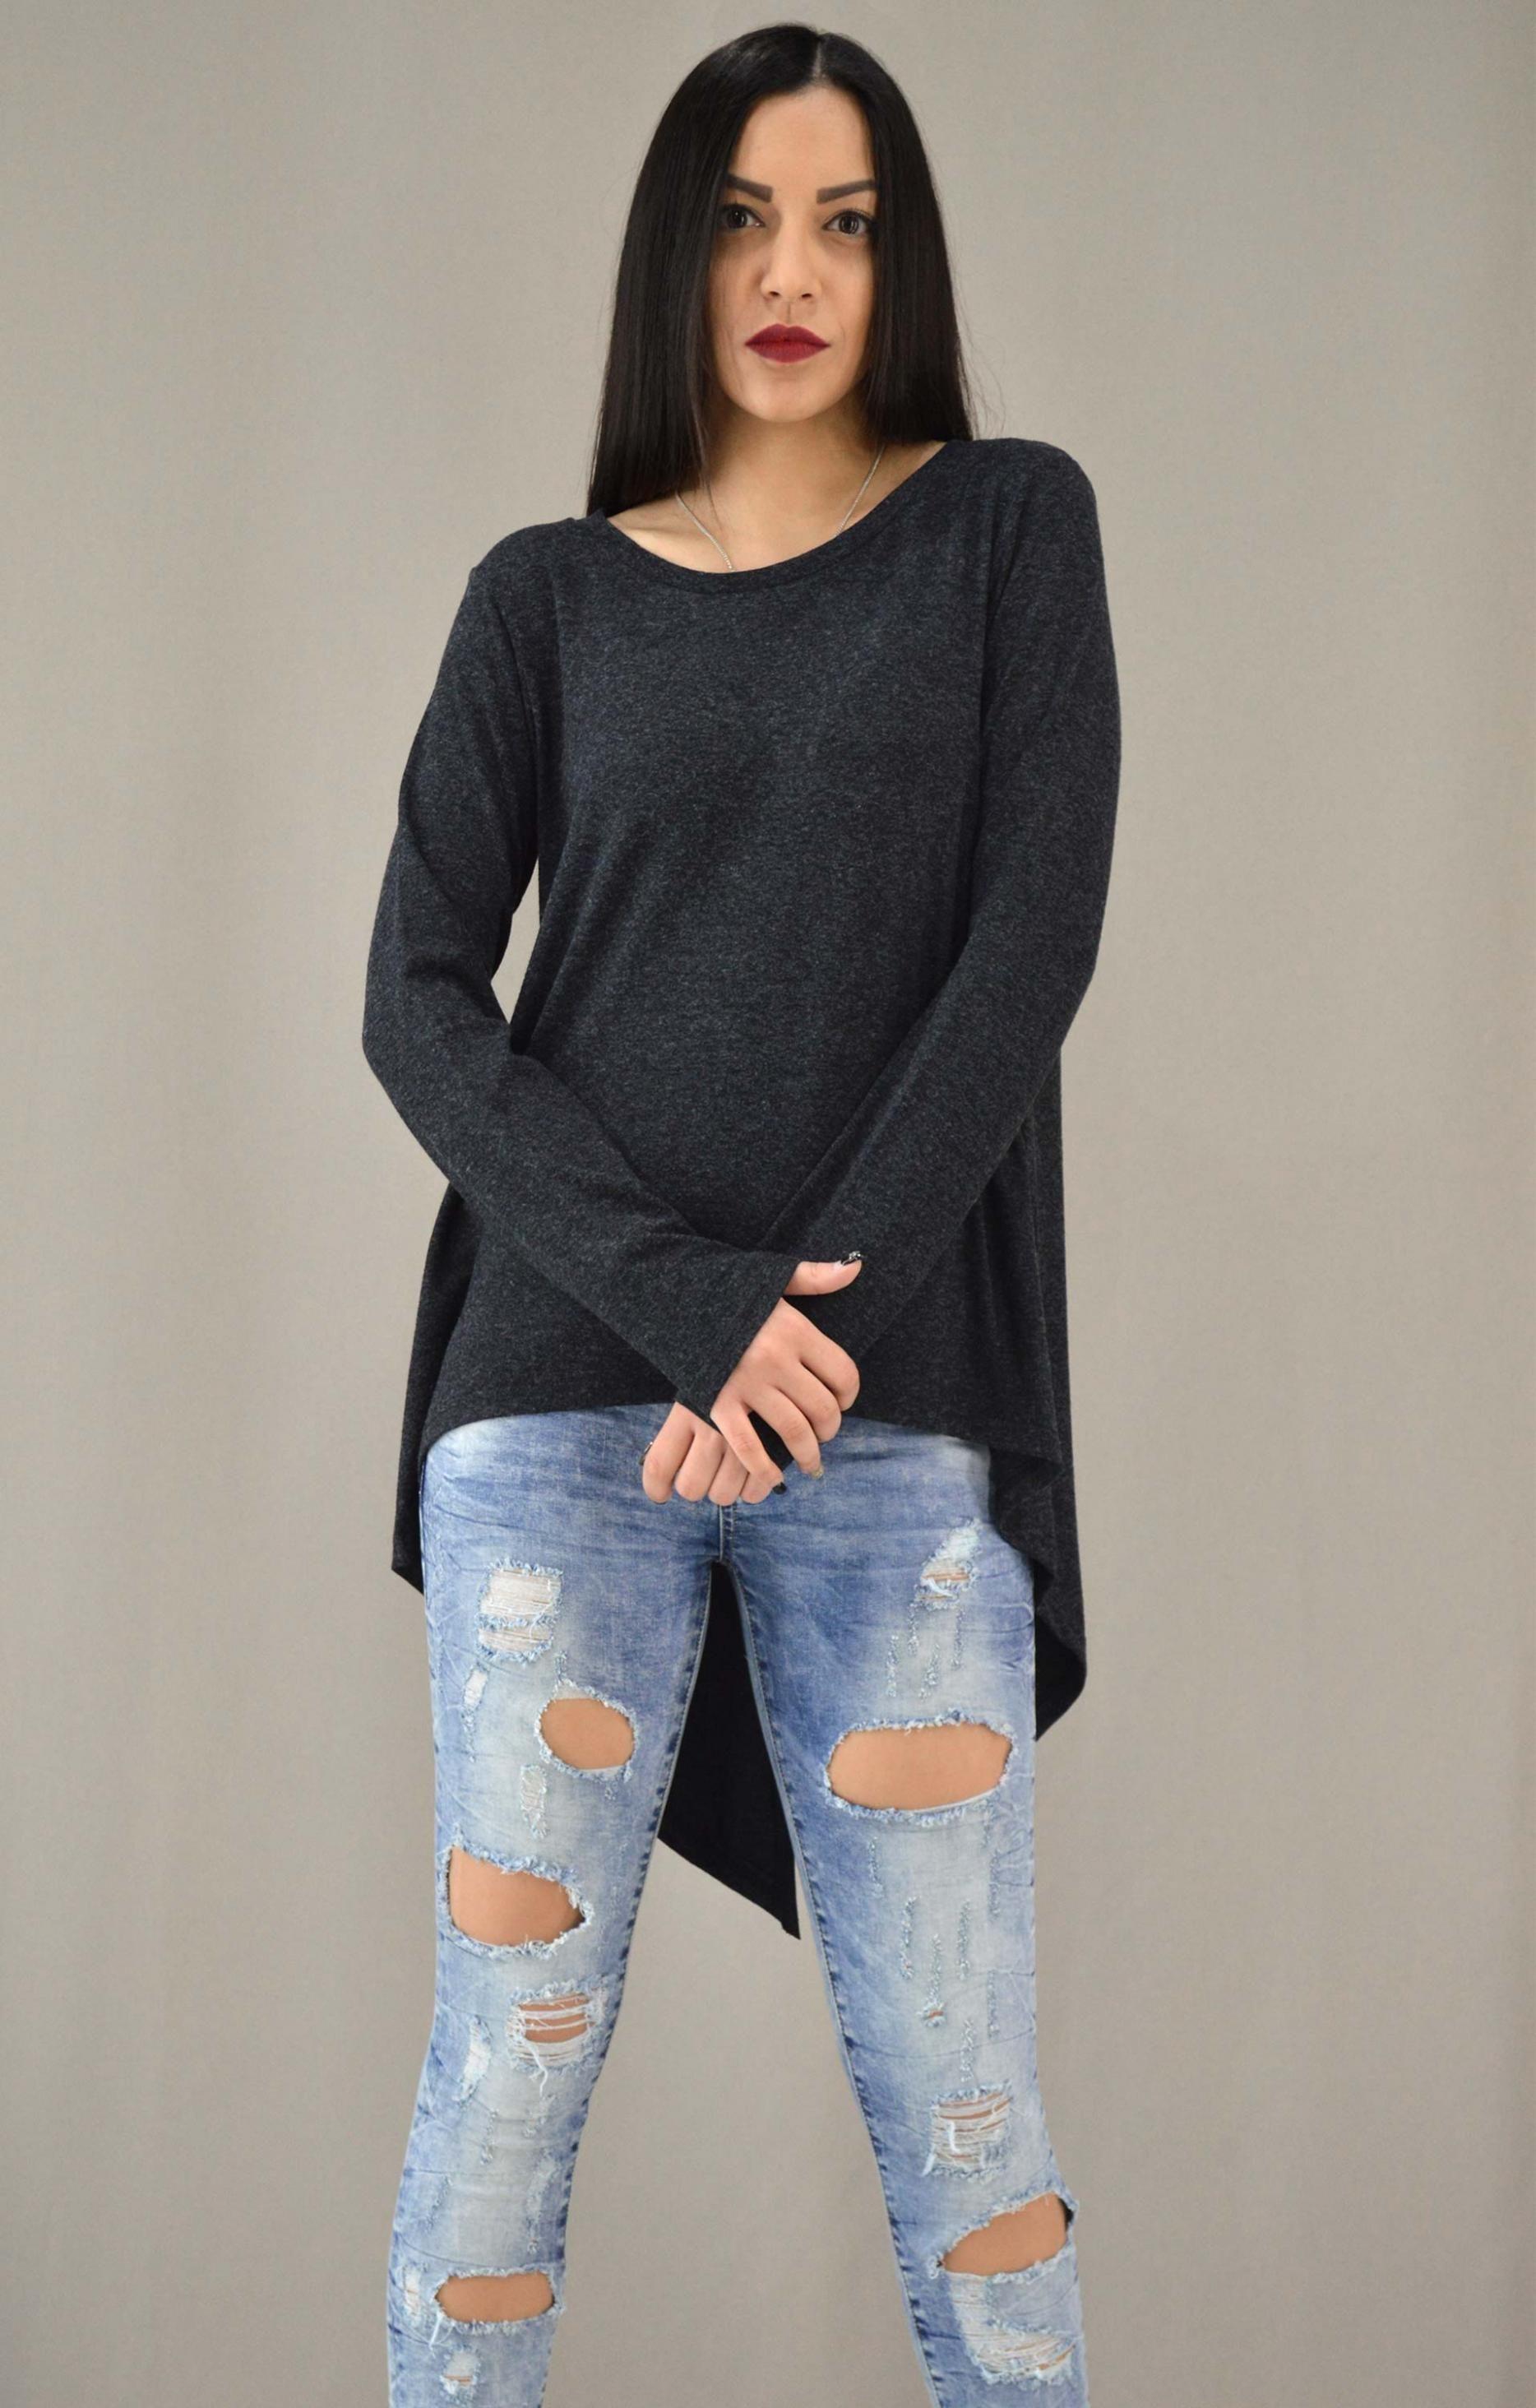 Γυναικεία μπλούζα ασύμμετρη με άνοιγμα  95f28d9b4c1